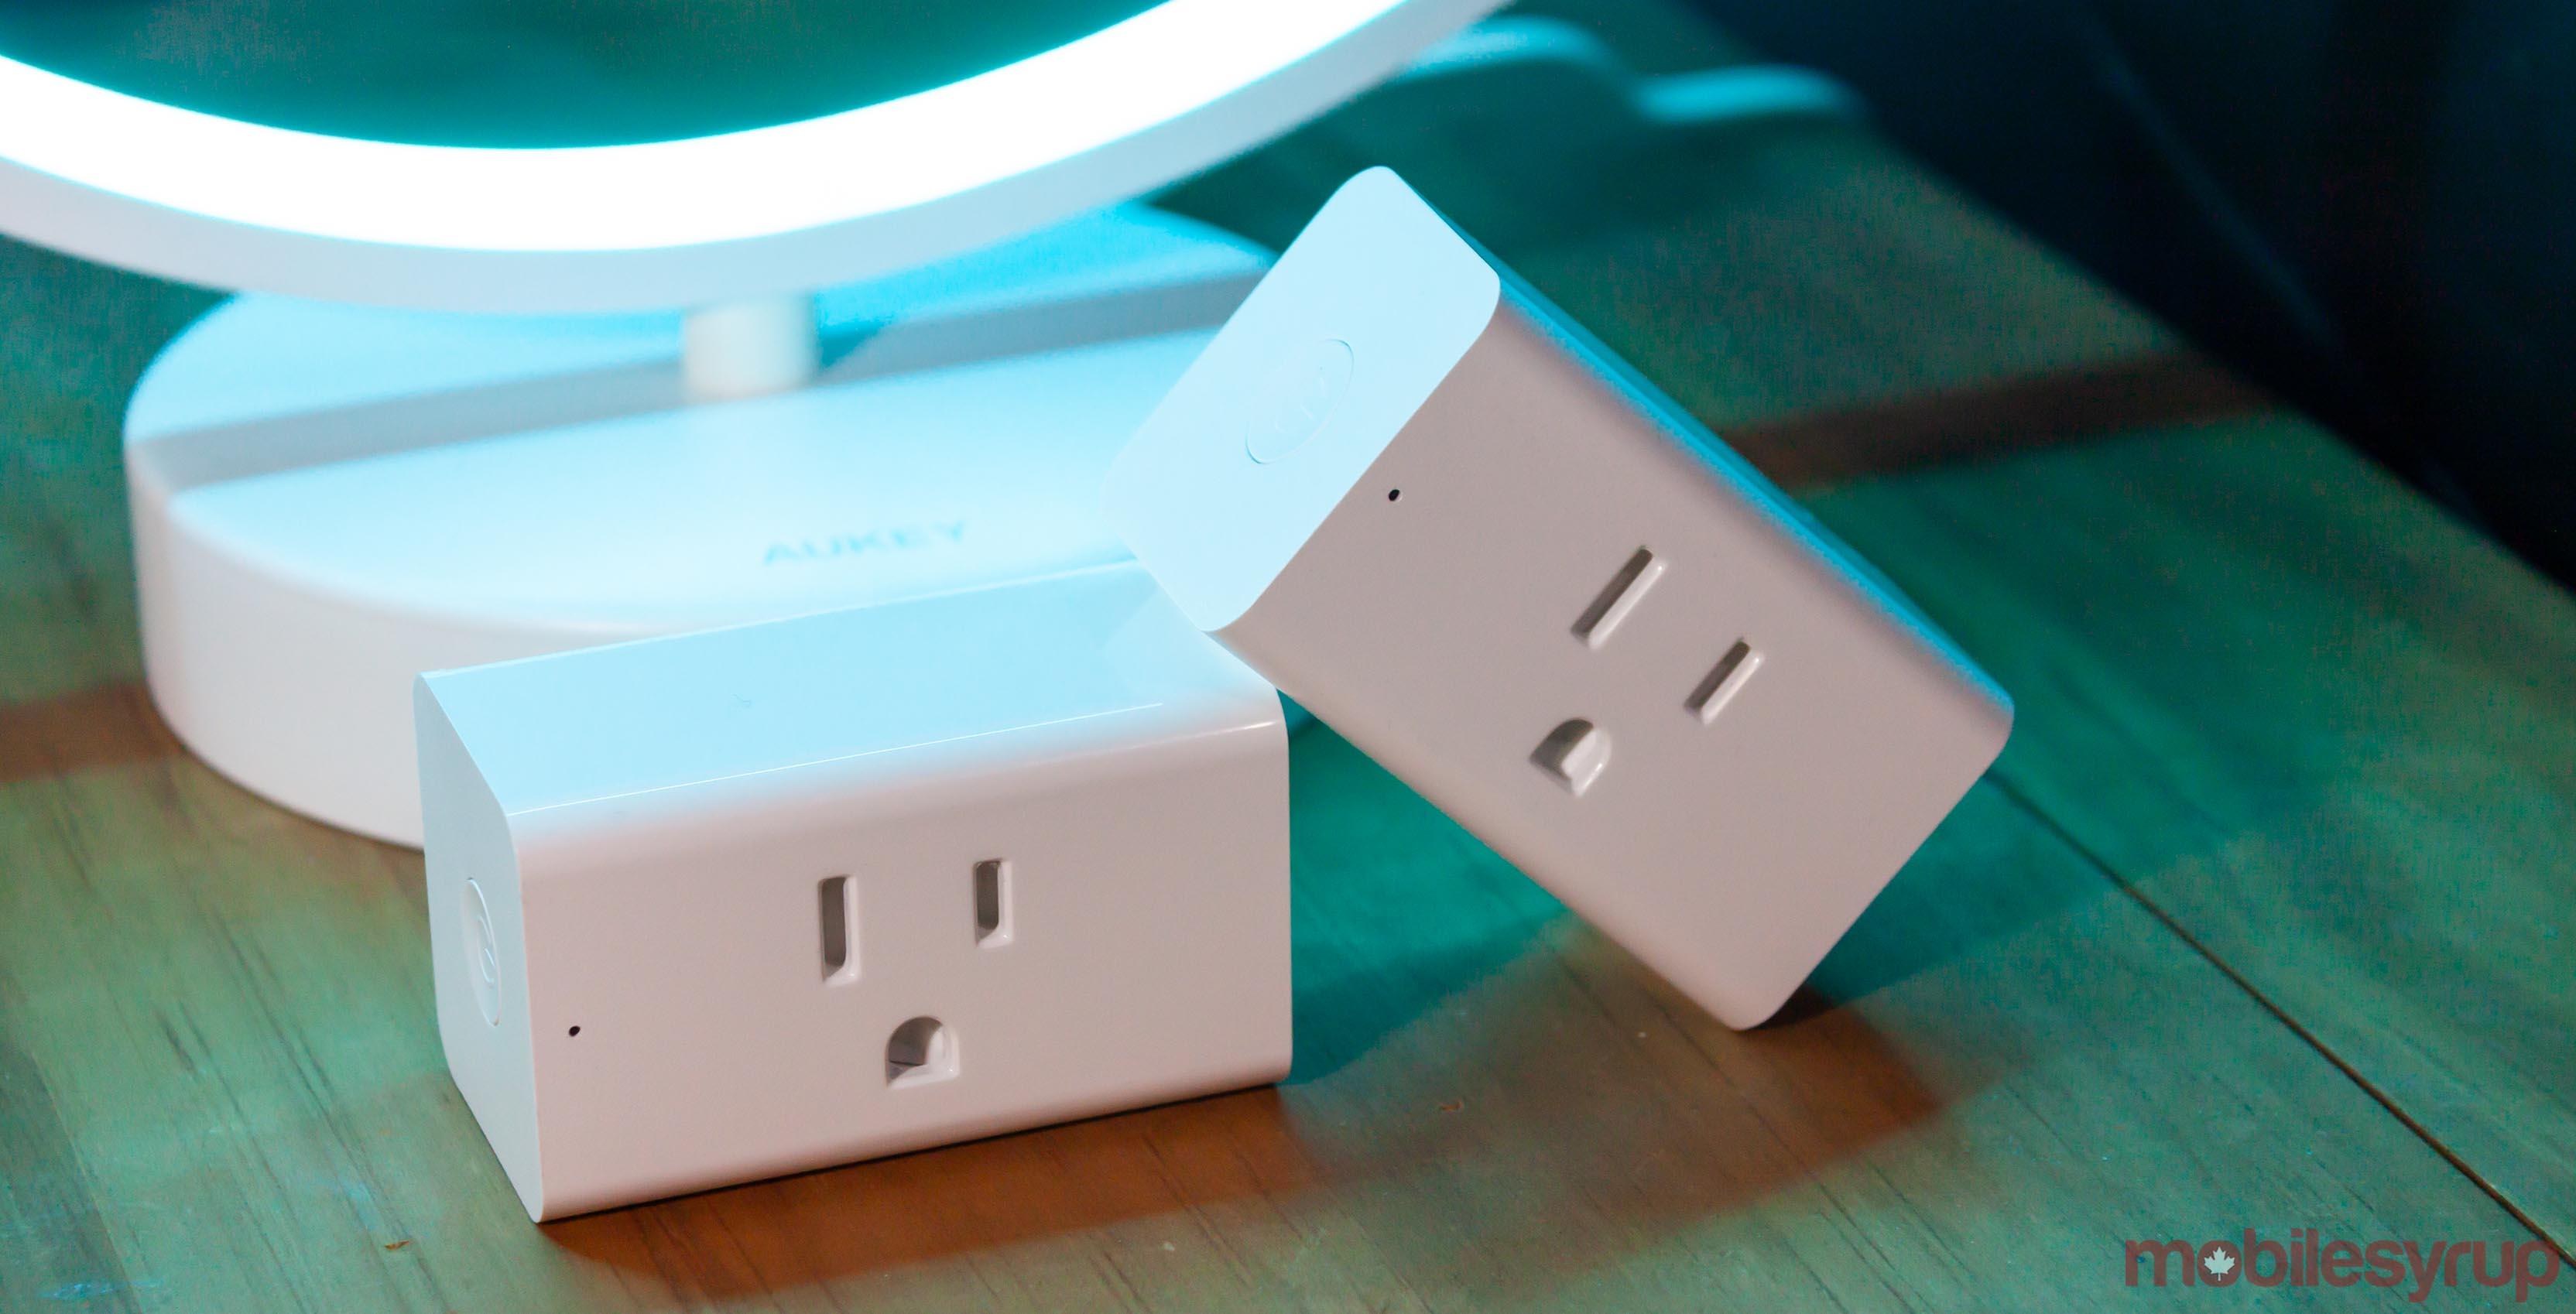 Aukey Wi-Fi Smart Plugs